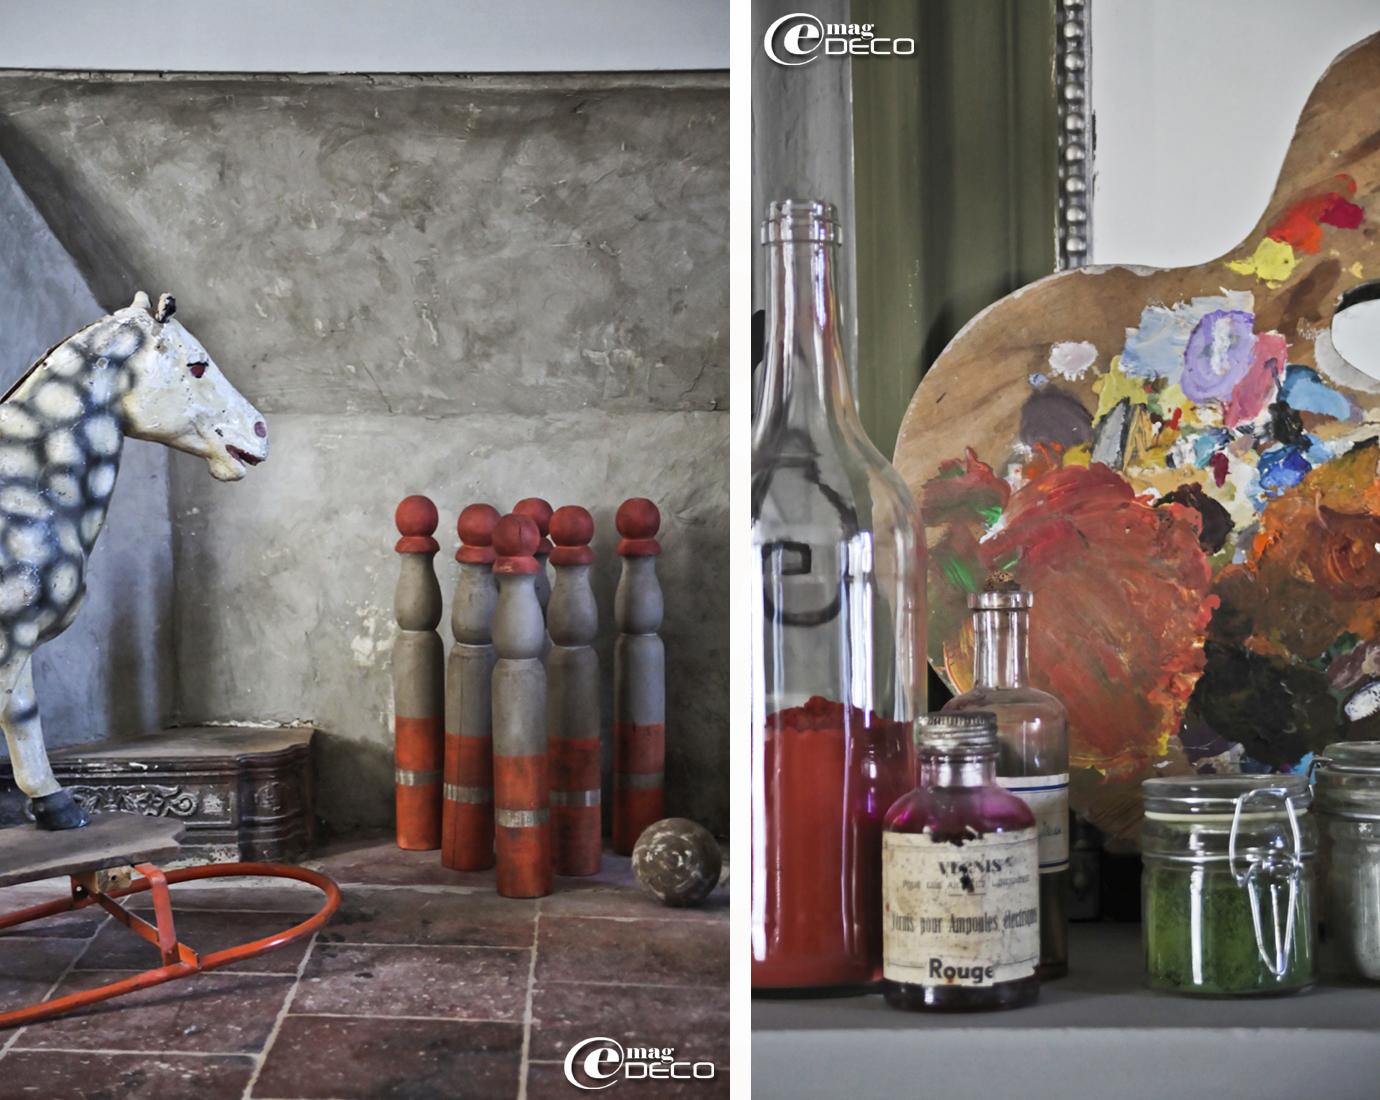 Cheval à bascule et jeu de quilles anciens dans une des chambres de la maison d'hôtes 'Les Nomades Baroques' à Barjac